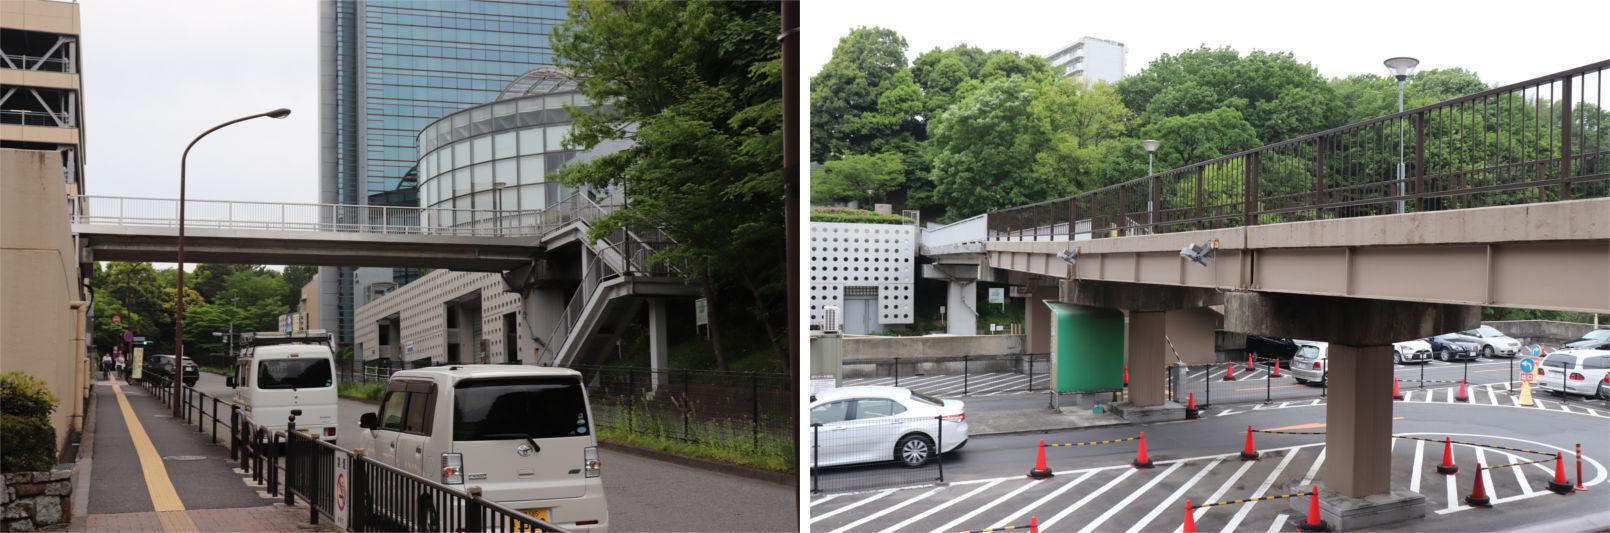 [多摩NTの橋ぜんぶ撮影PJ] No.26~30 弓の橋ほか_a0332275_17471070.jpg